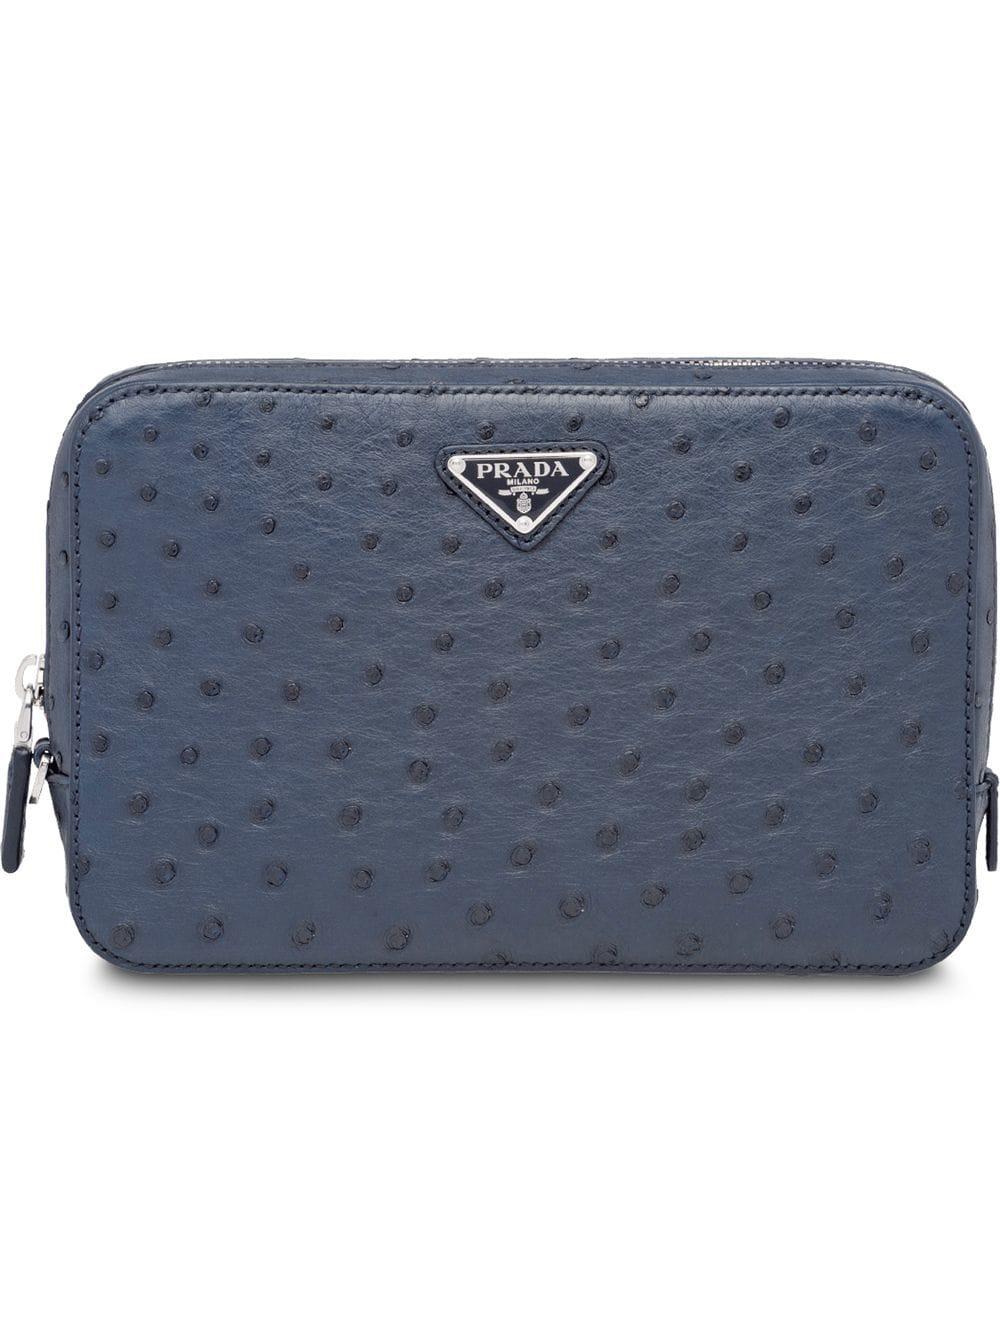 93fa9f85a358 Prada Pouch Bag - Blue | ModeSens